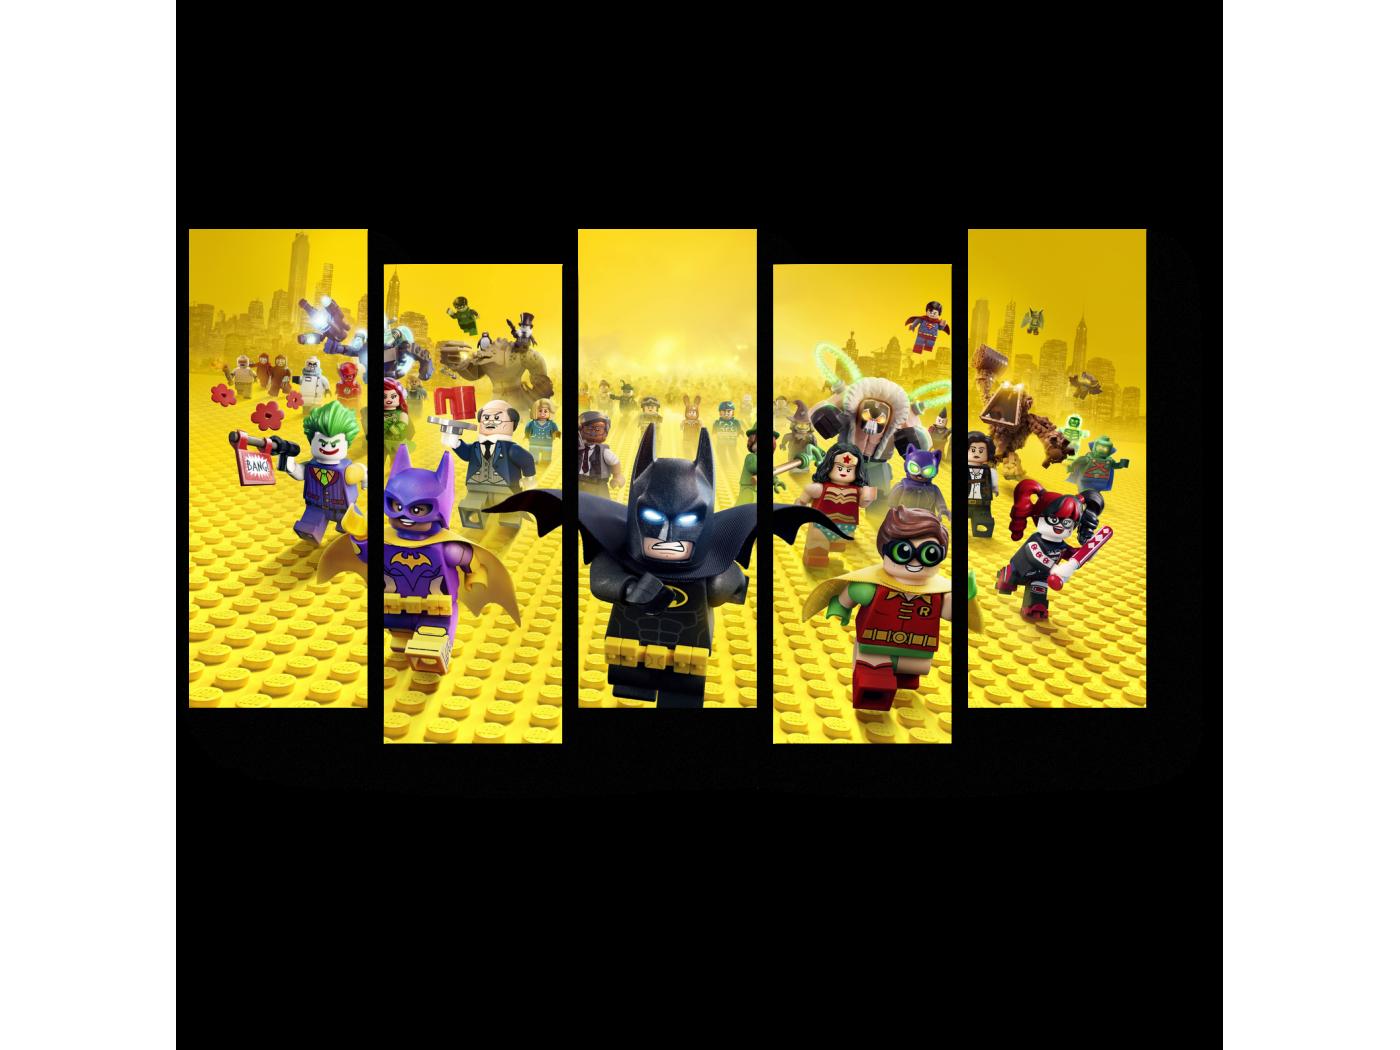 Модульная картина Лего - мир (90x52) фото